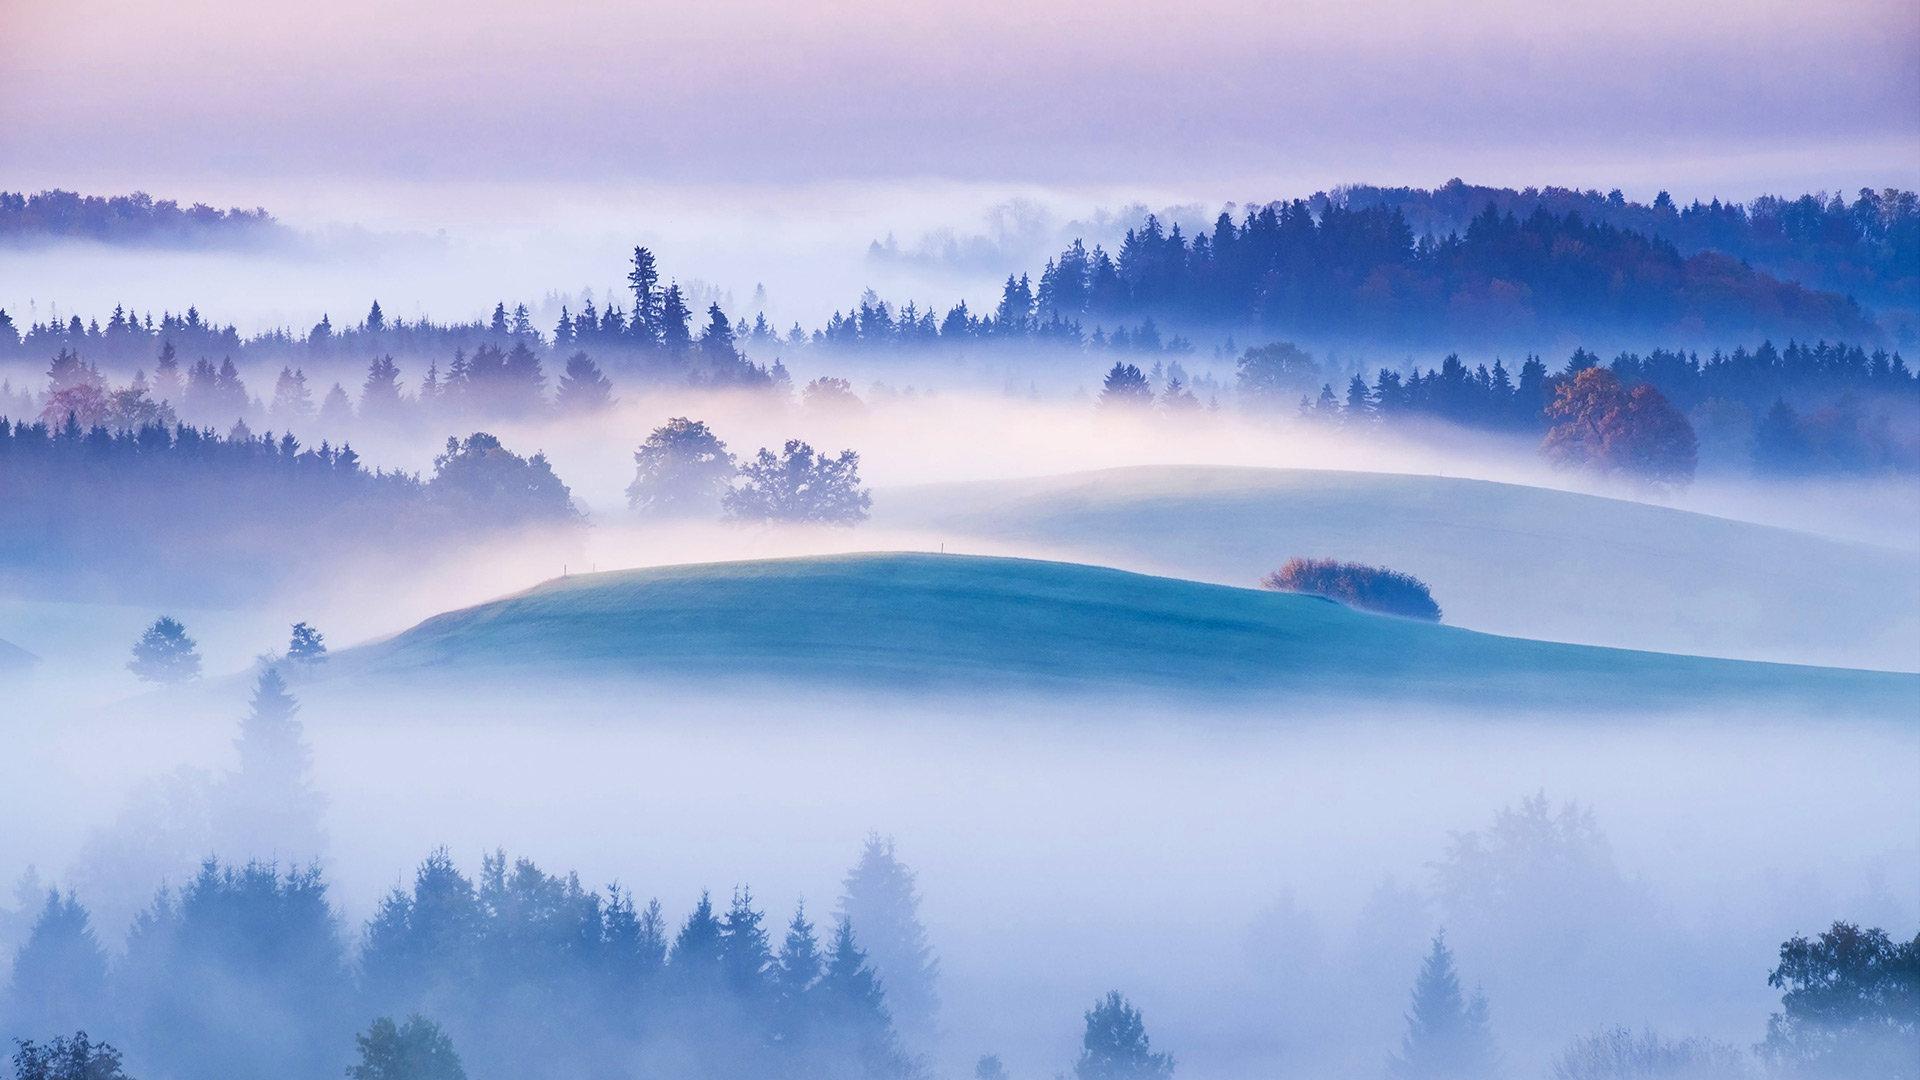 高地上的惺忪晨雾